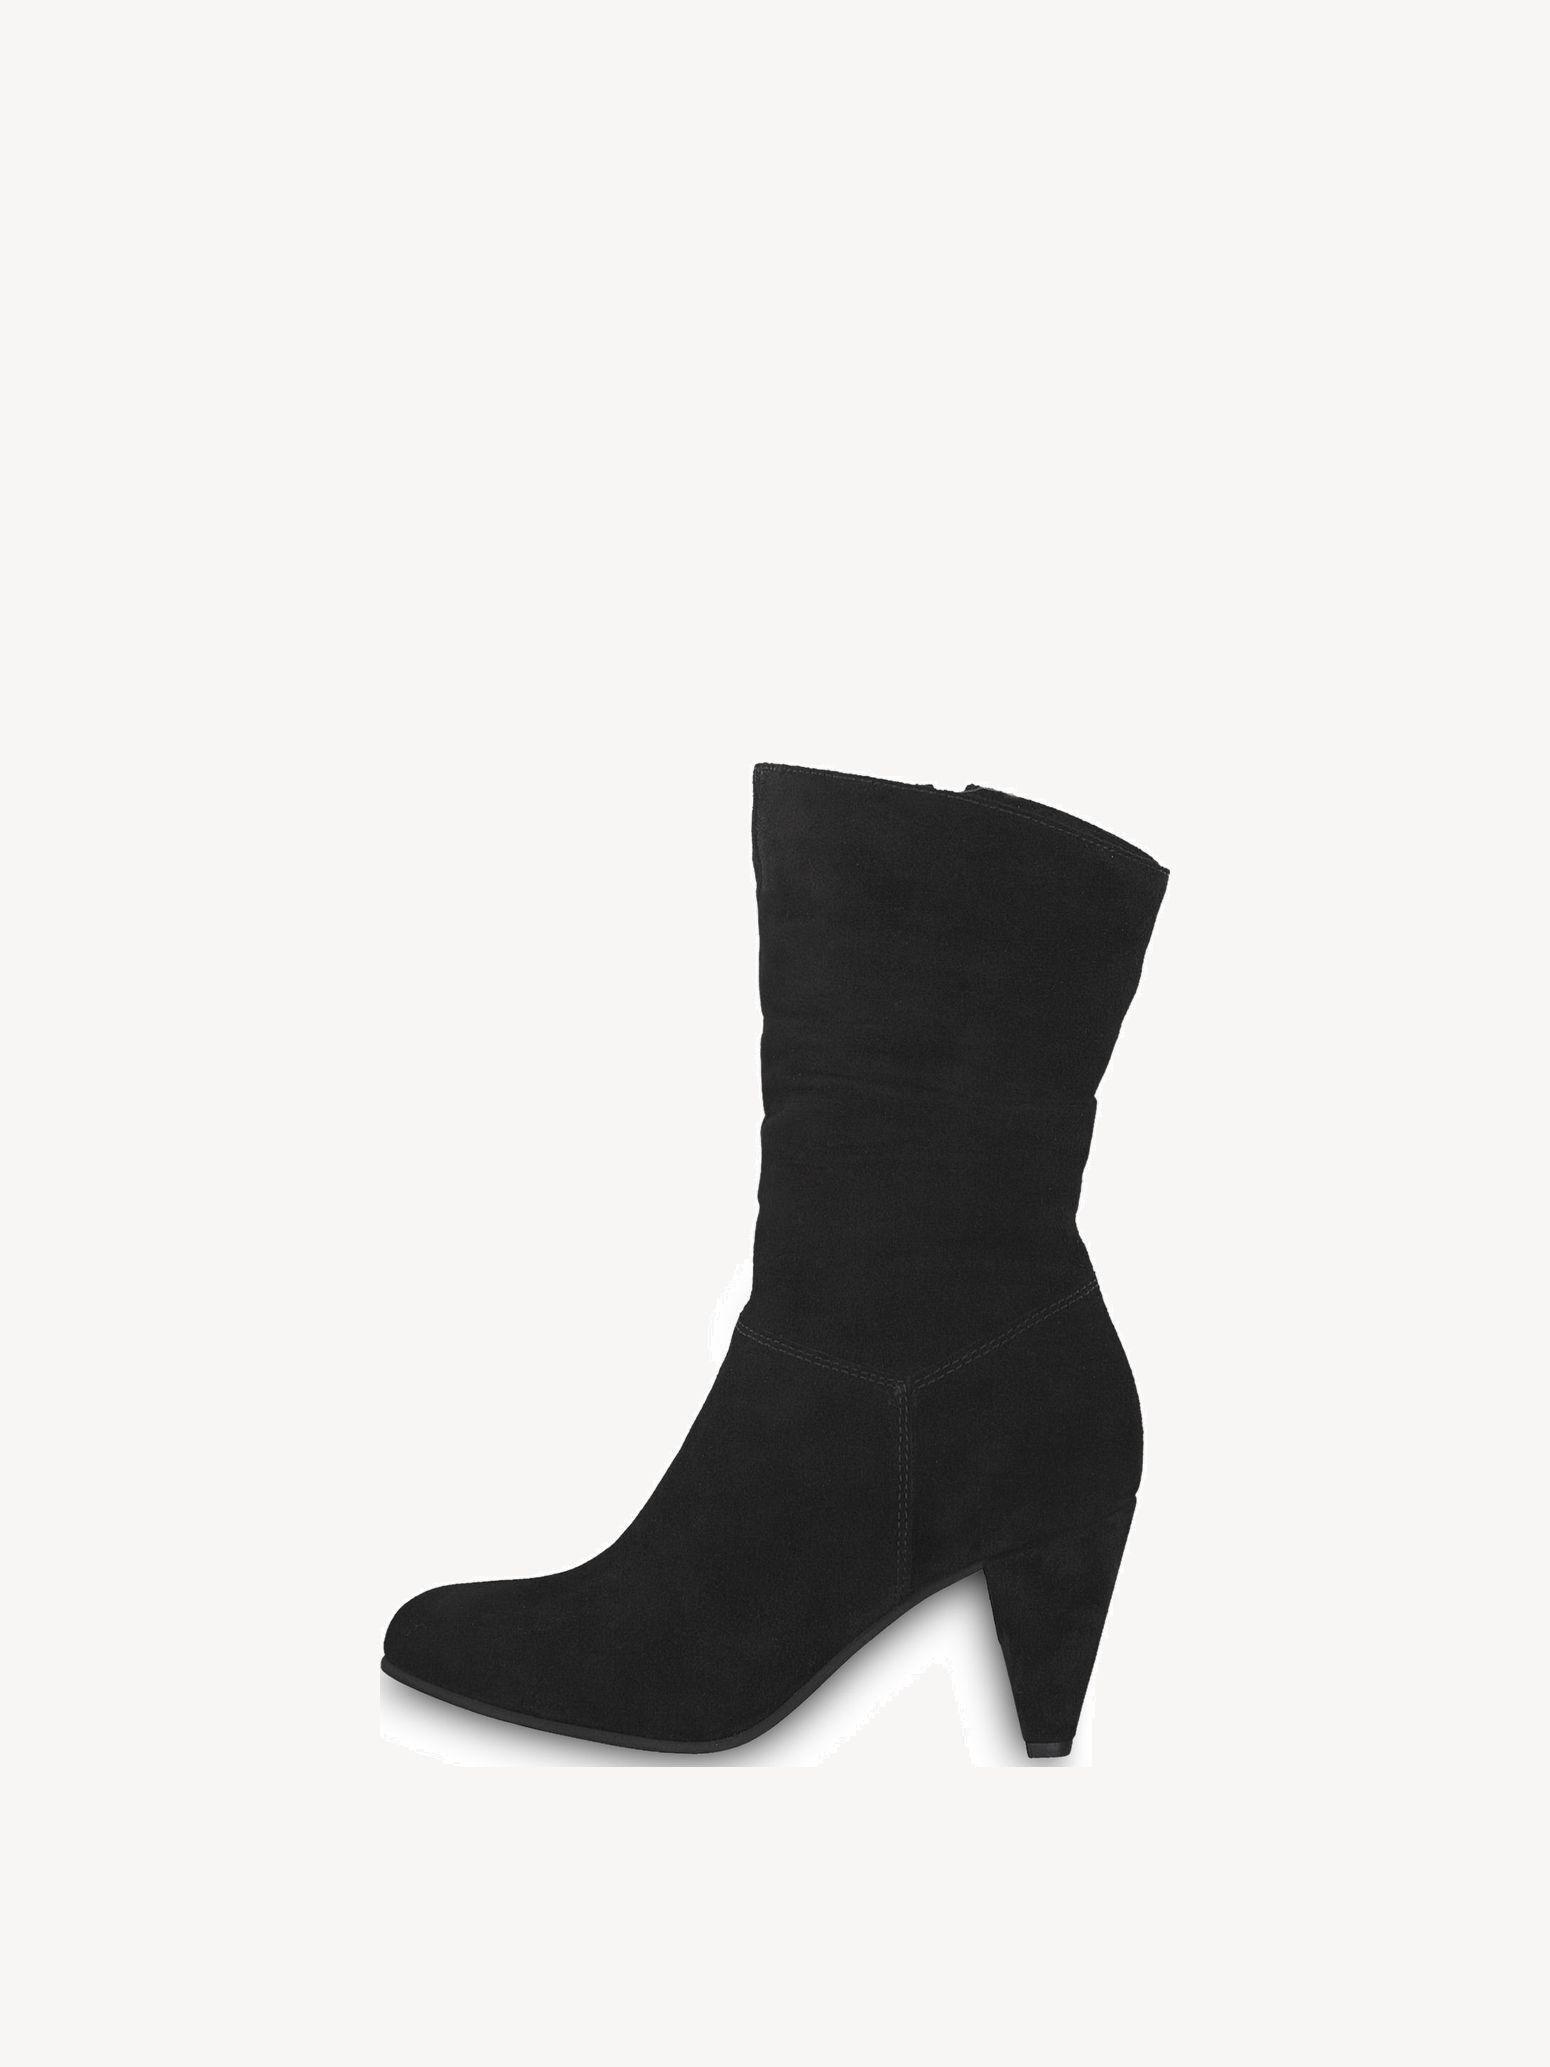 Reduziert Kaufen Schmuck Taschen Tamaris Schuhe Sale Und wRqUxvzX